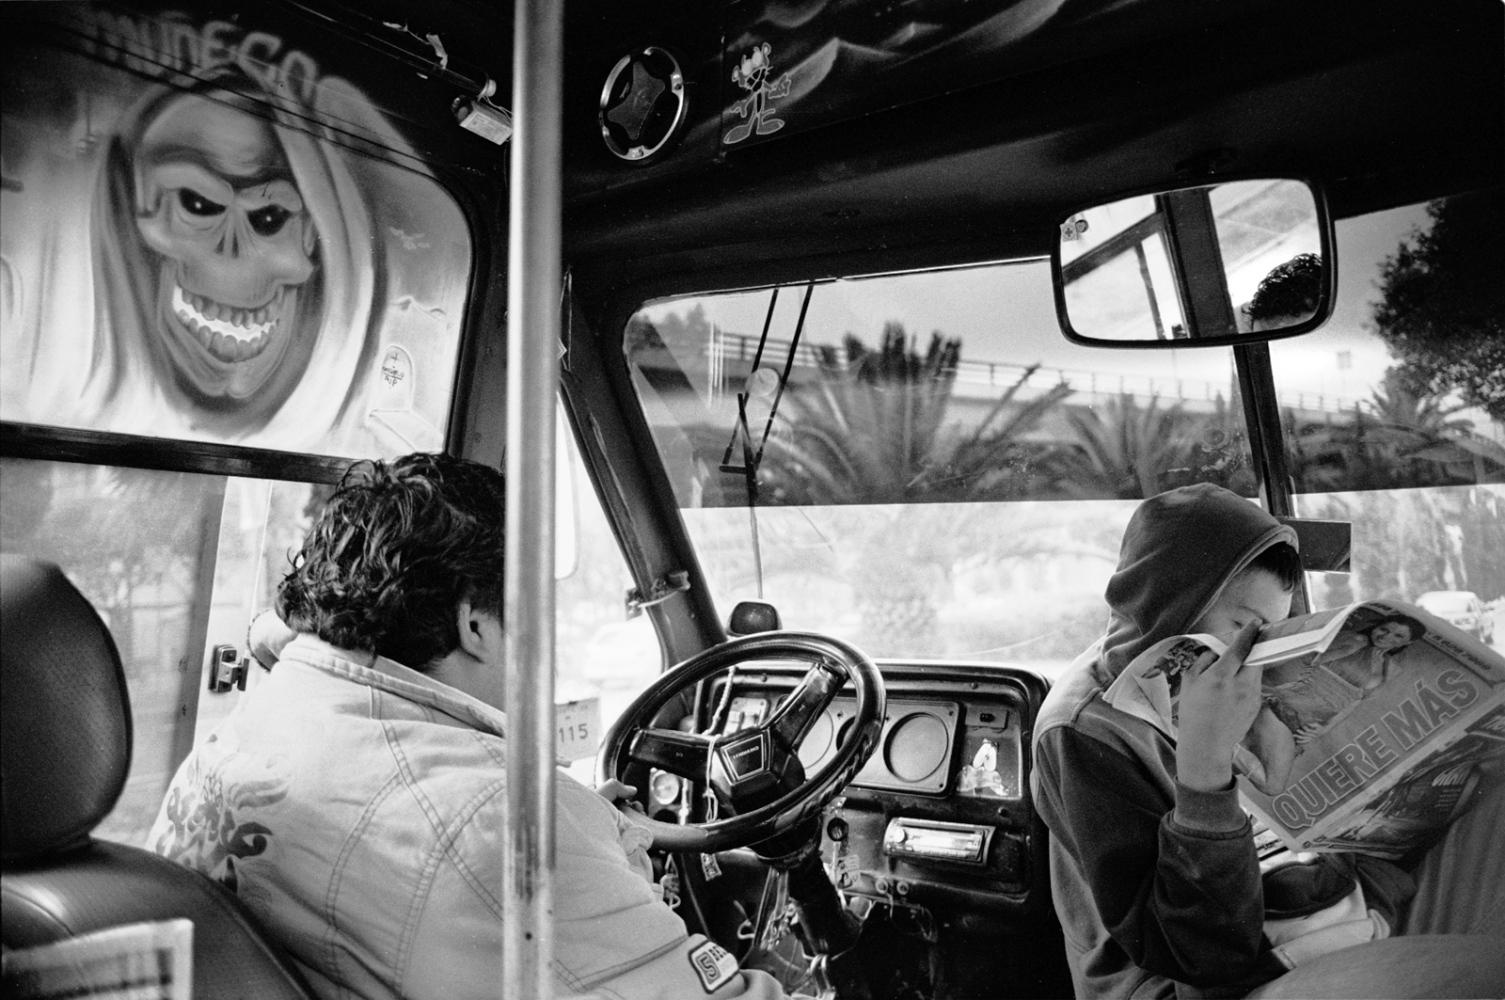 Autobus rumbo La Merced, Mexico, D.F. 2010 ©Sylvia de Swaan